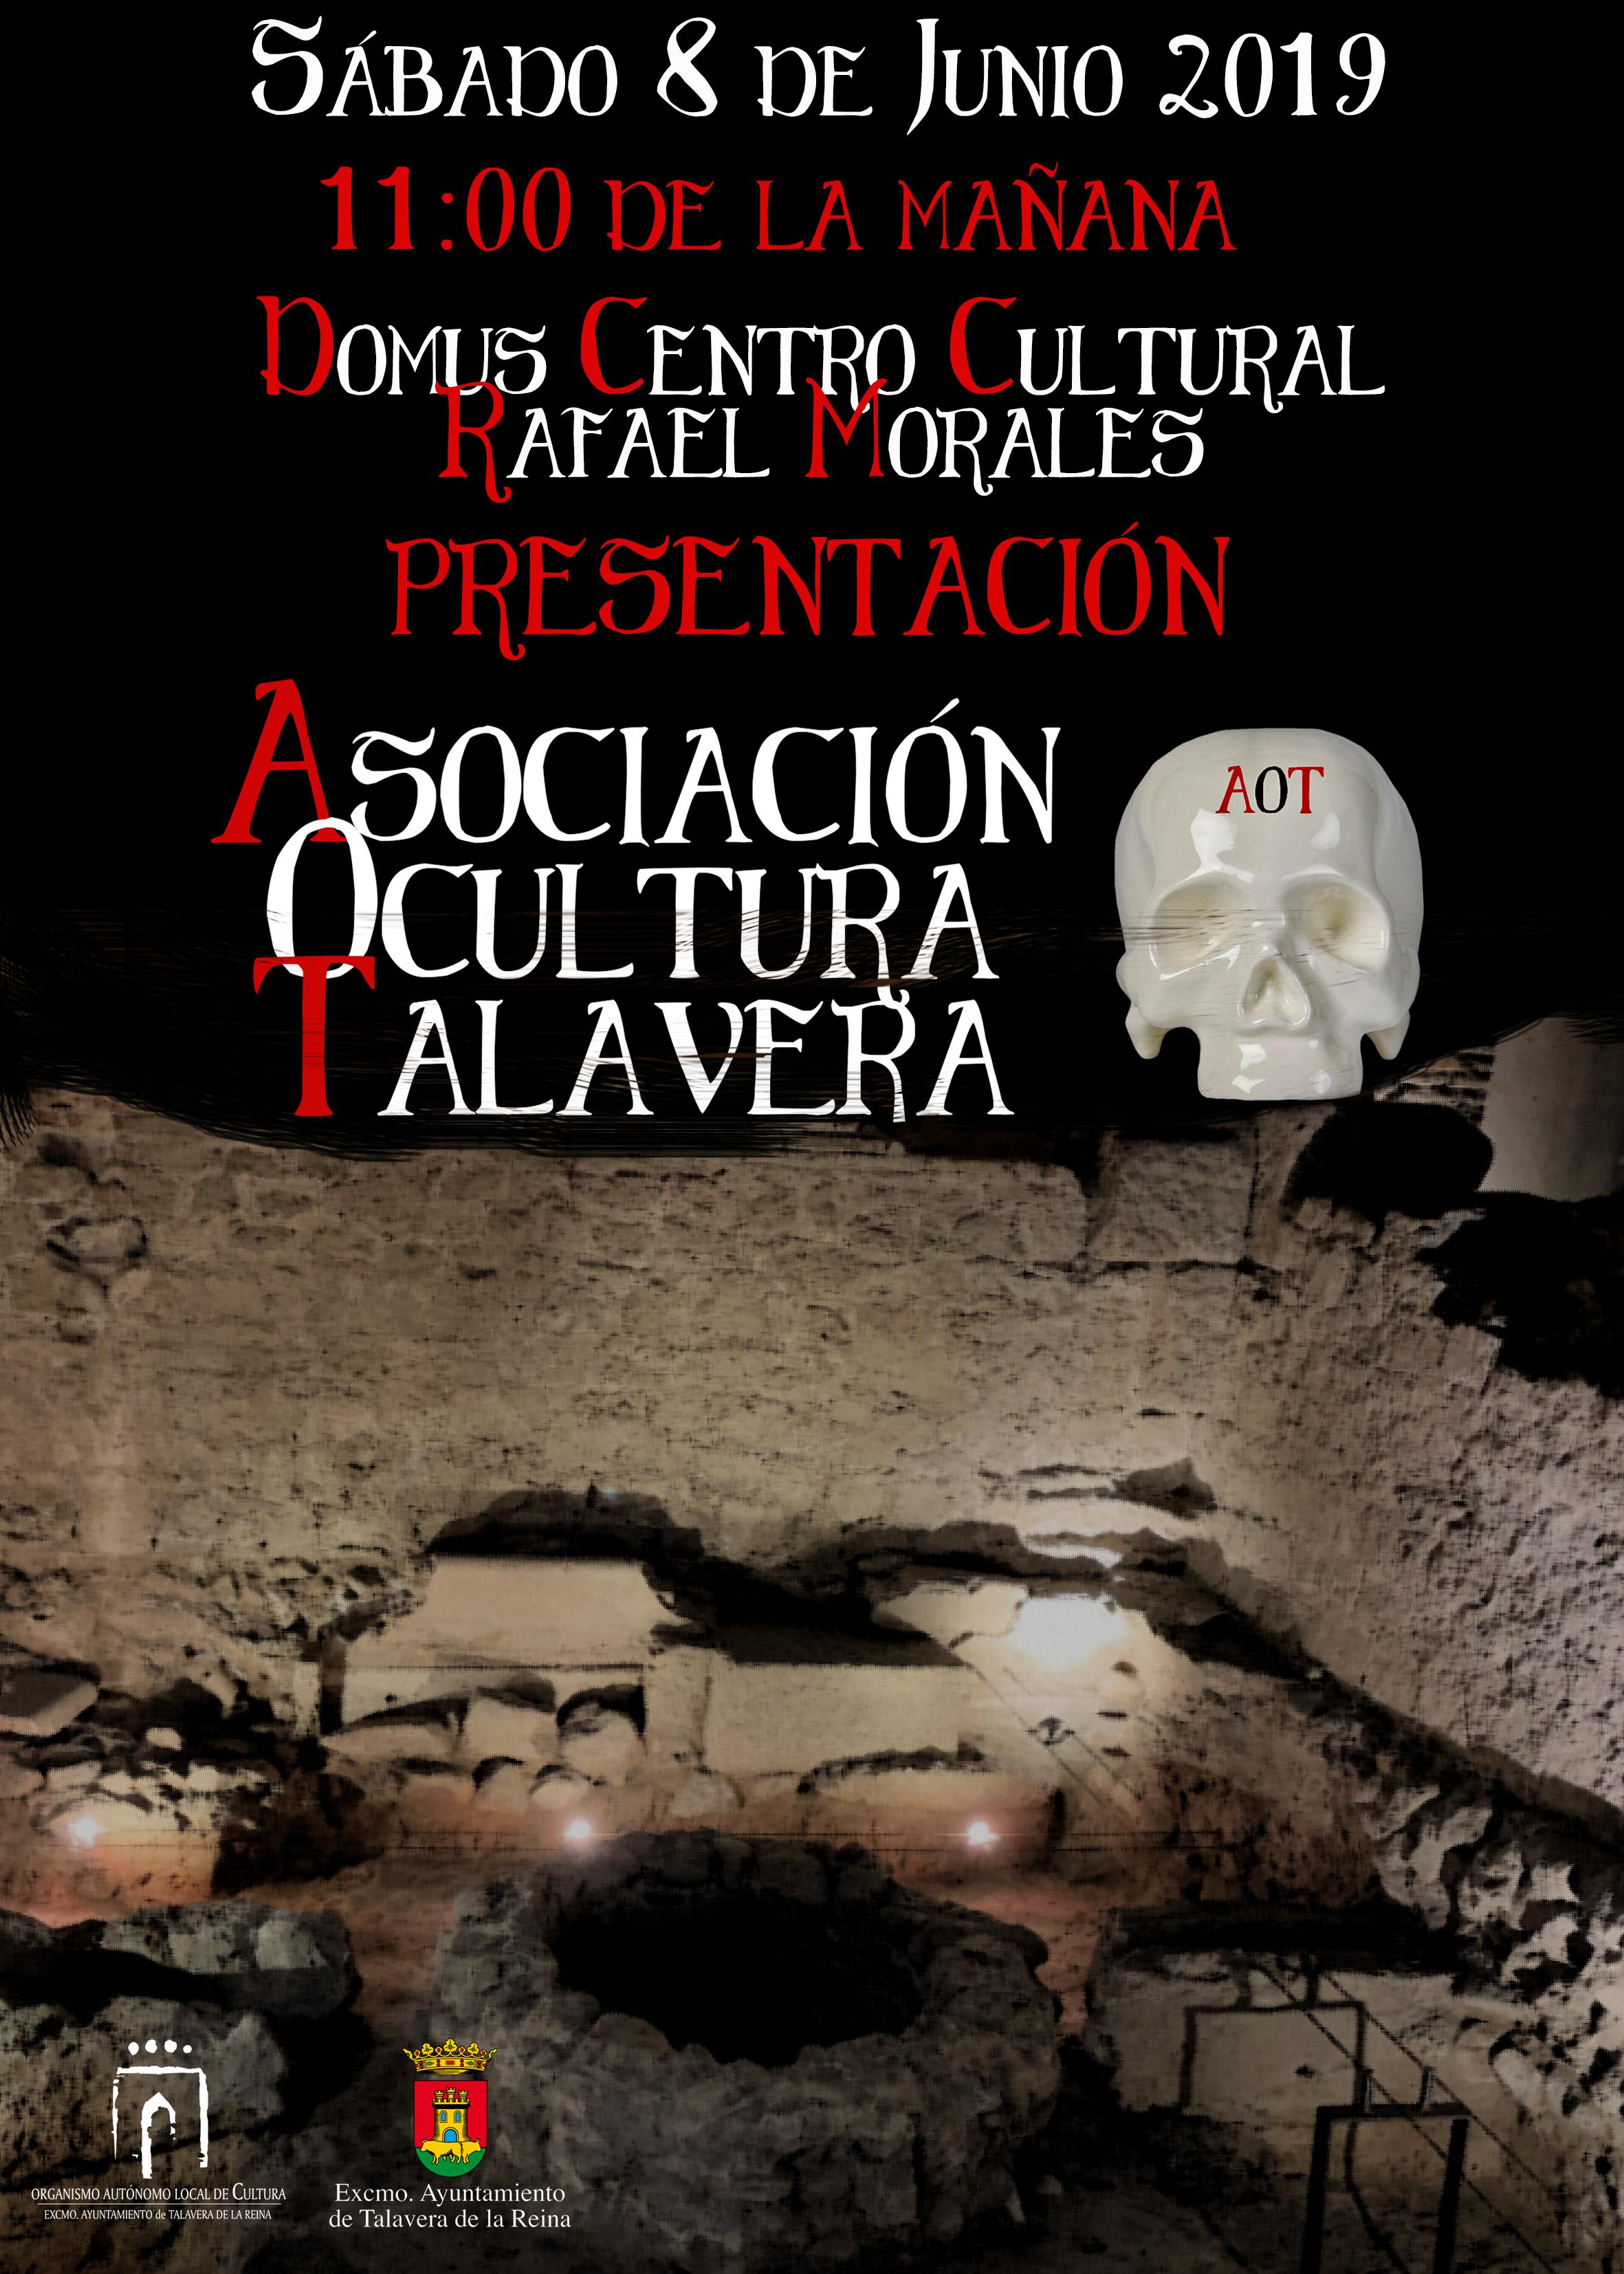 Presentación Asociación Ocultura Talavera